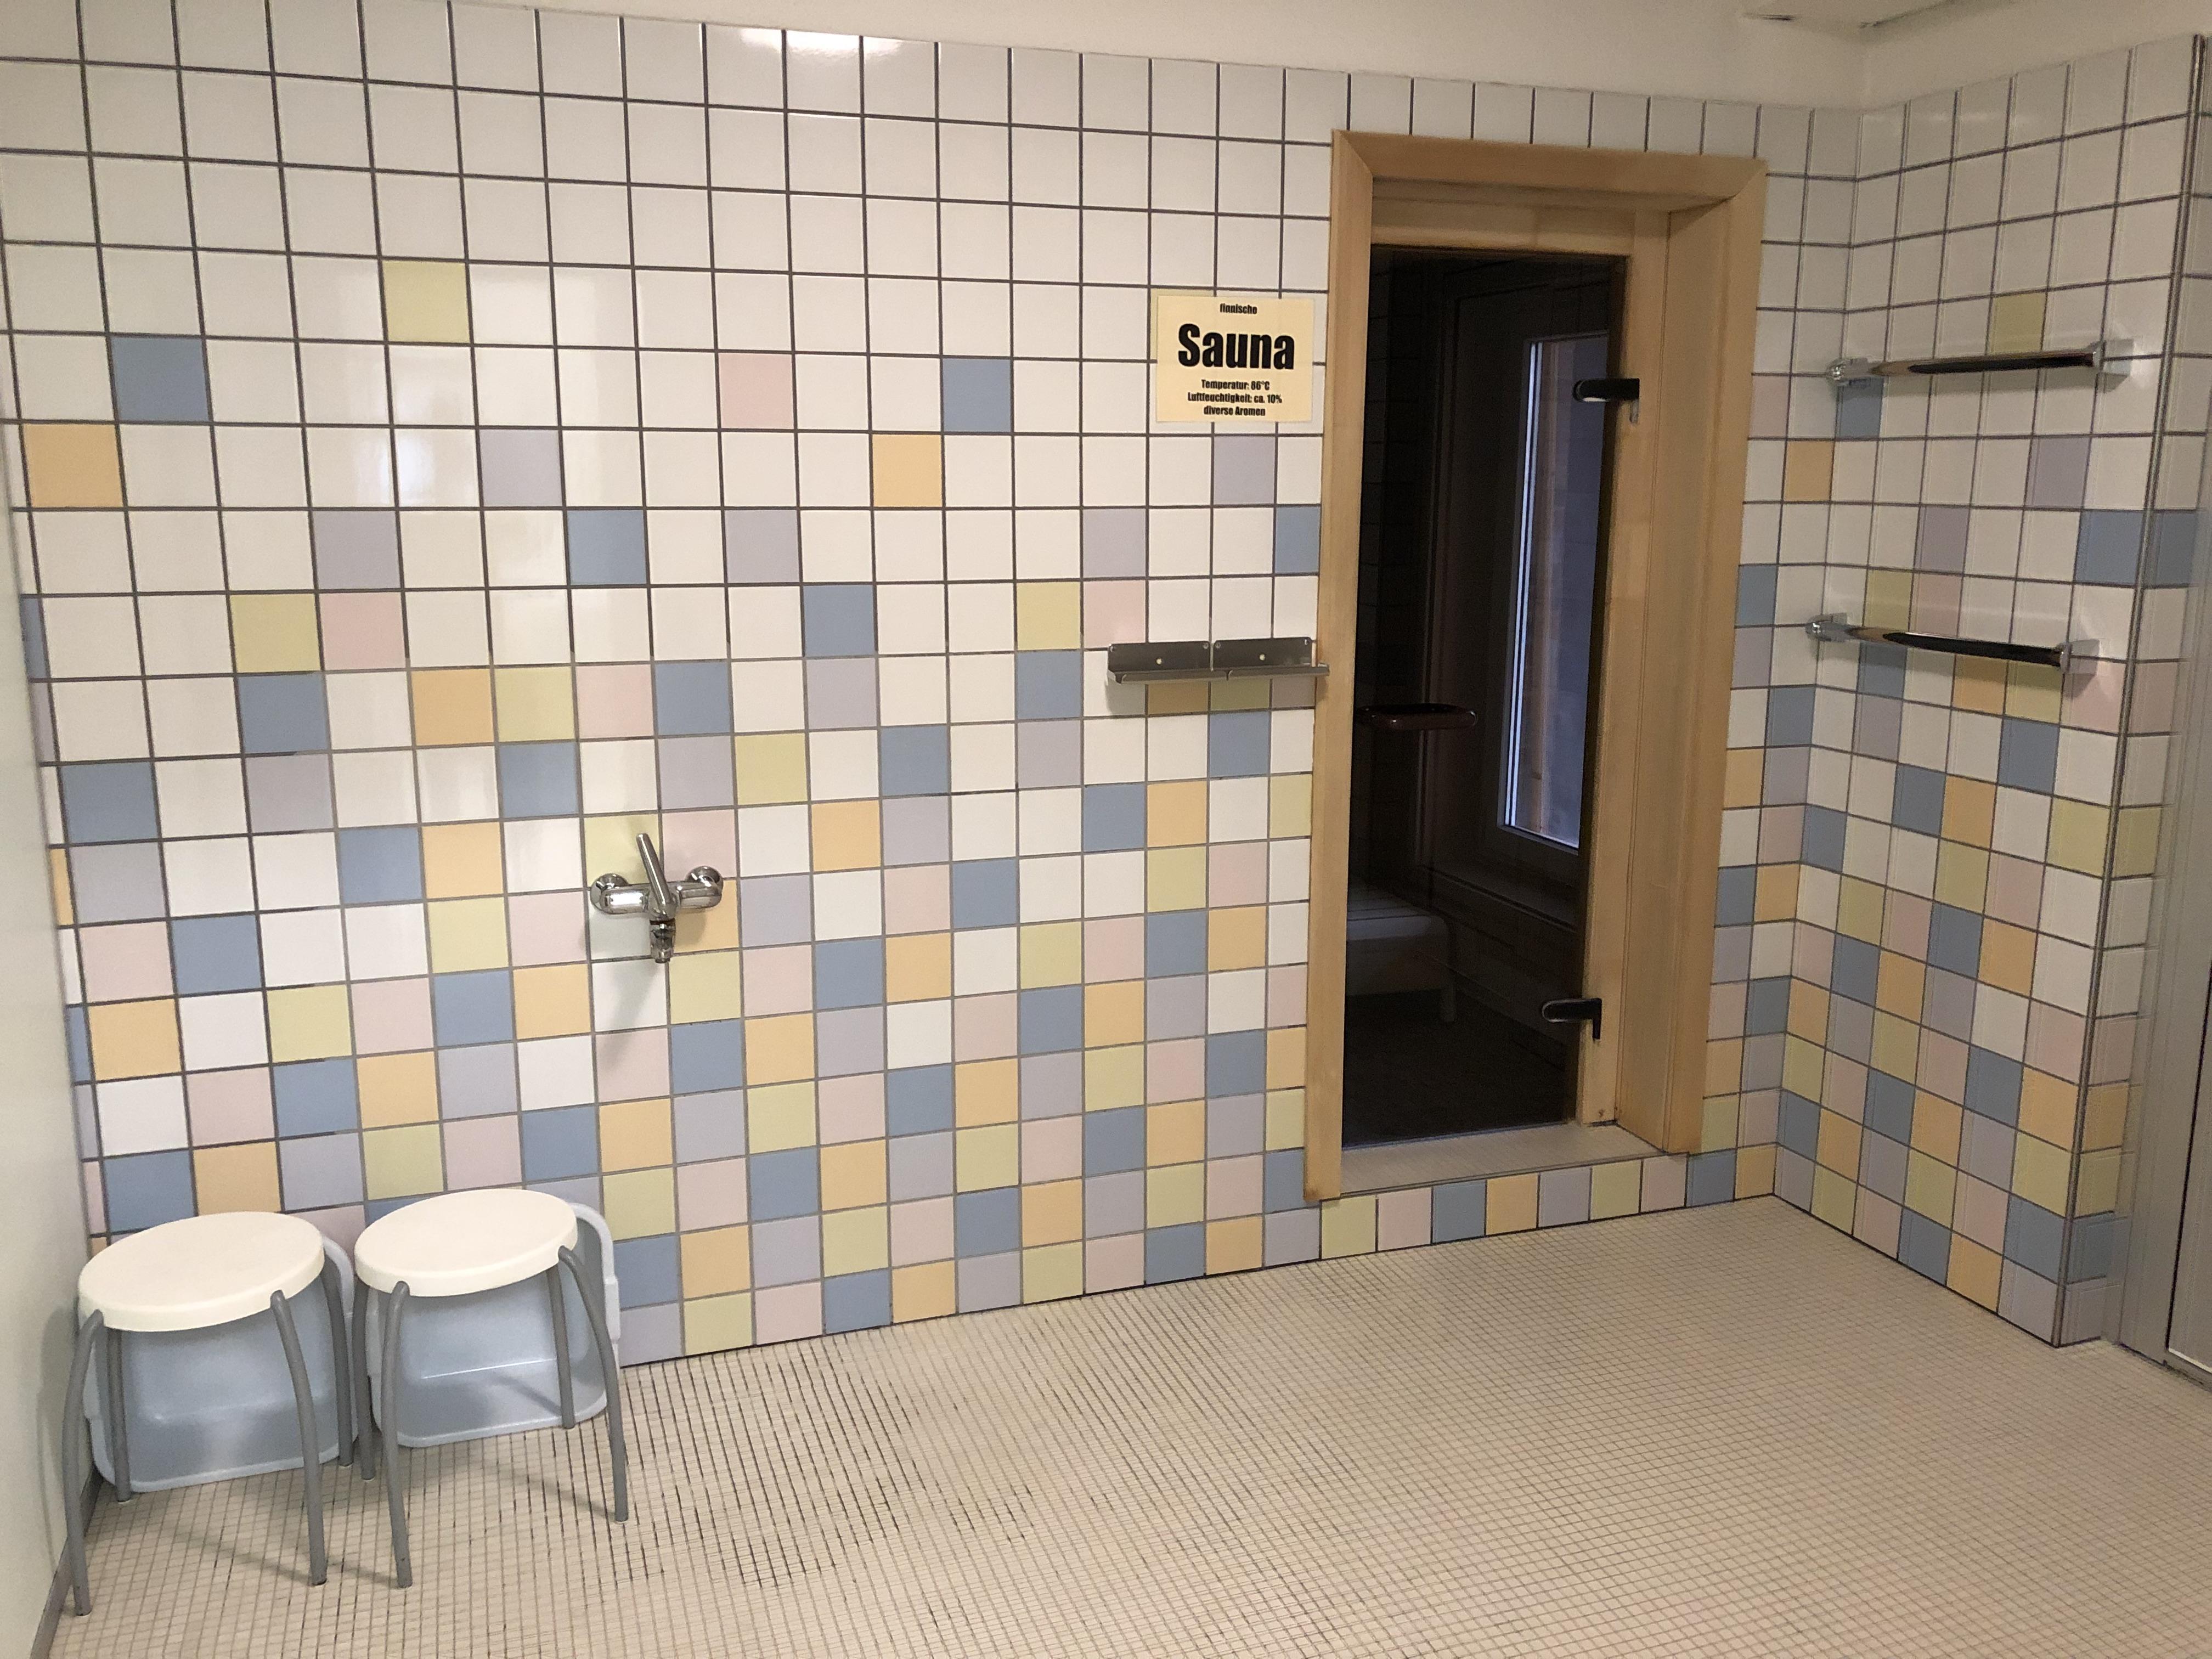 Eingang zur grossen Finnischen Sauna